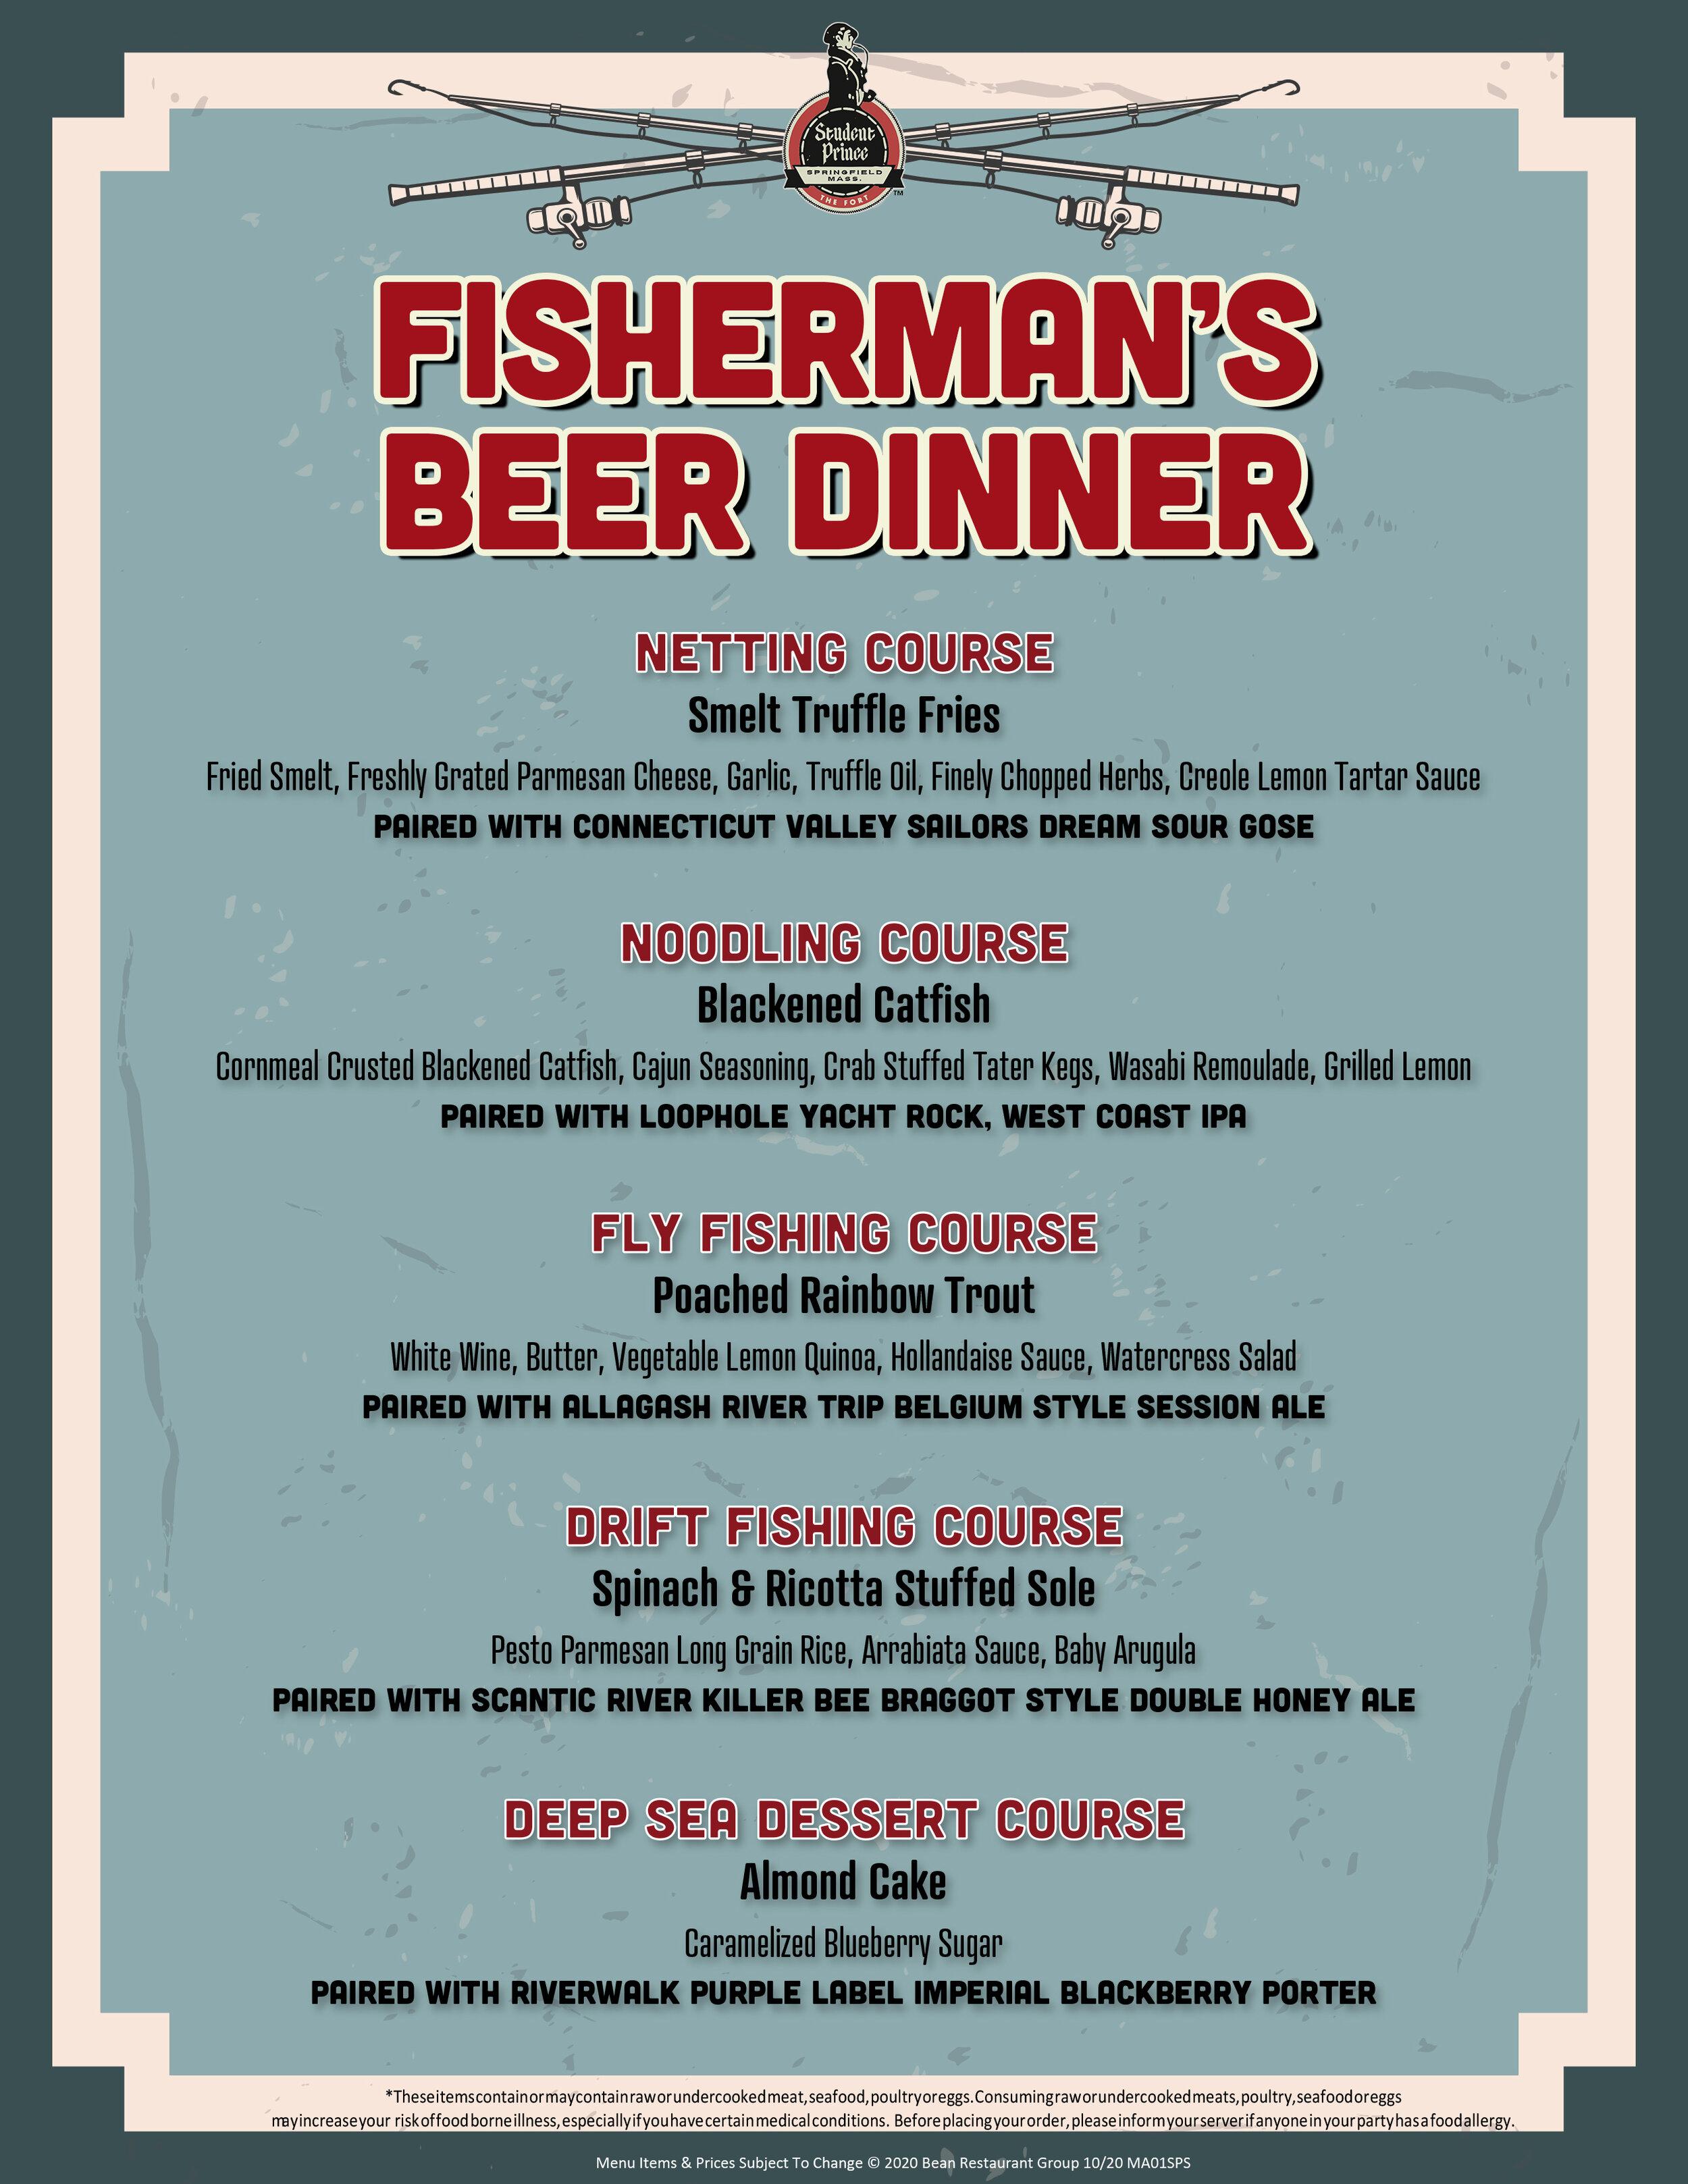 Fishermans Beer Dinner Menu.jpg